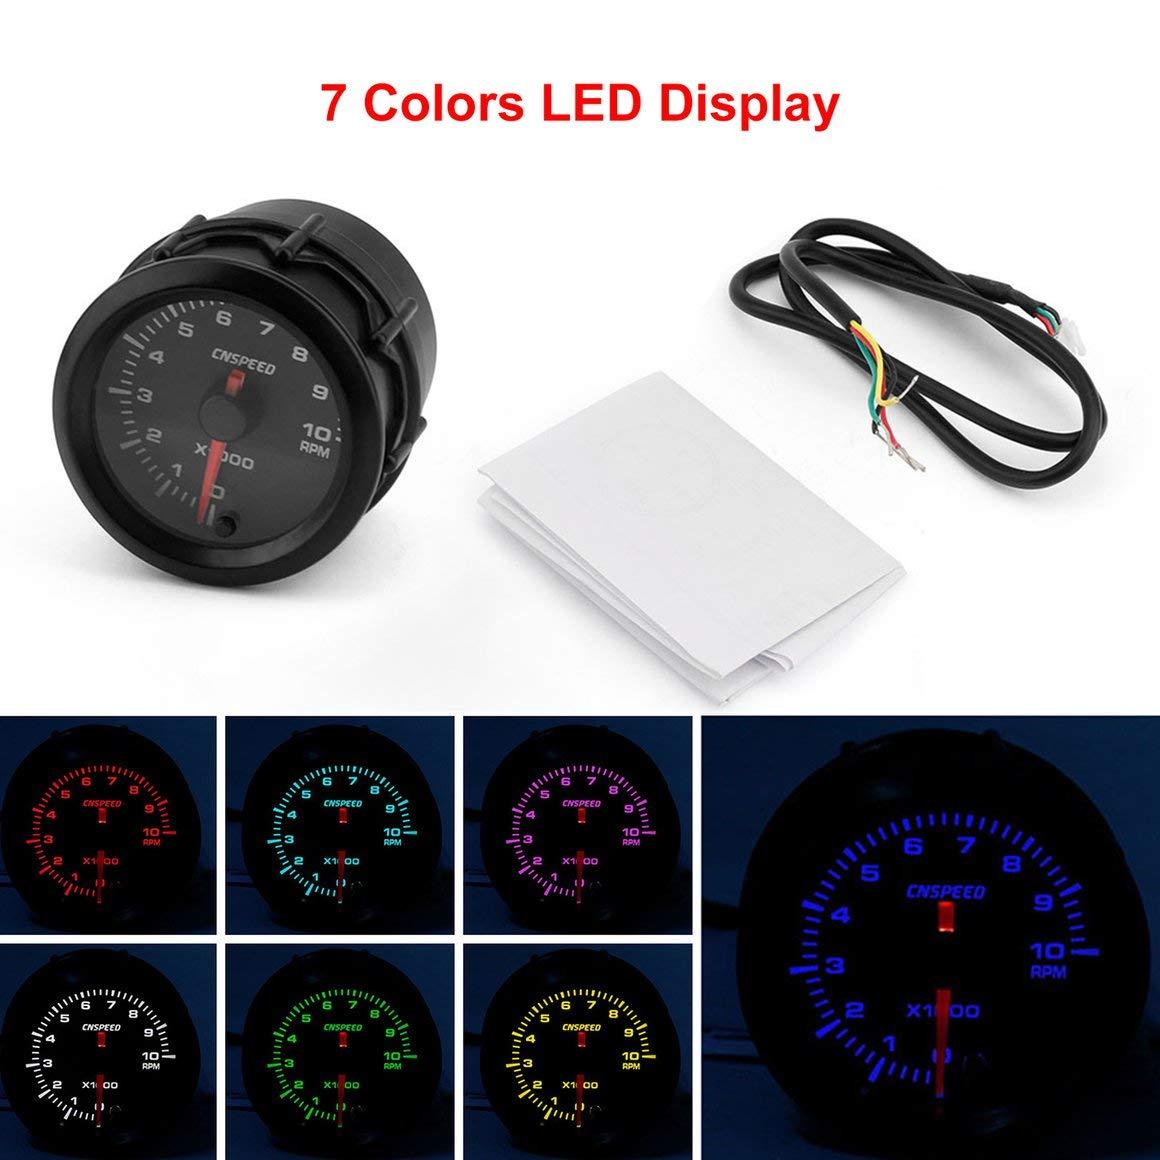 Funnyrunstore CNSPEED 12 V Autom/ático Tac/ómetro de Coche LED Digital Tach Gauge Meter 52mm 7 Colores LED Universal para Modificaci/ón de Coche 10000 RPM